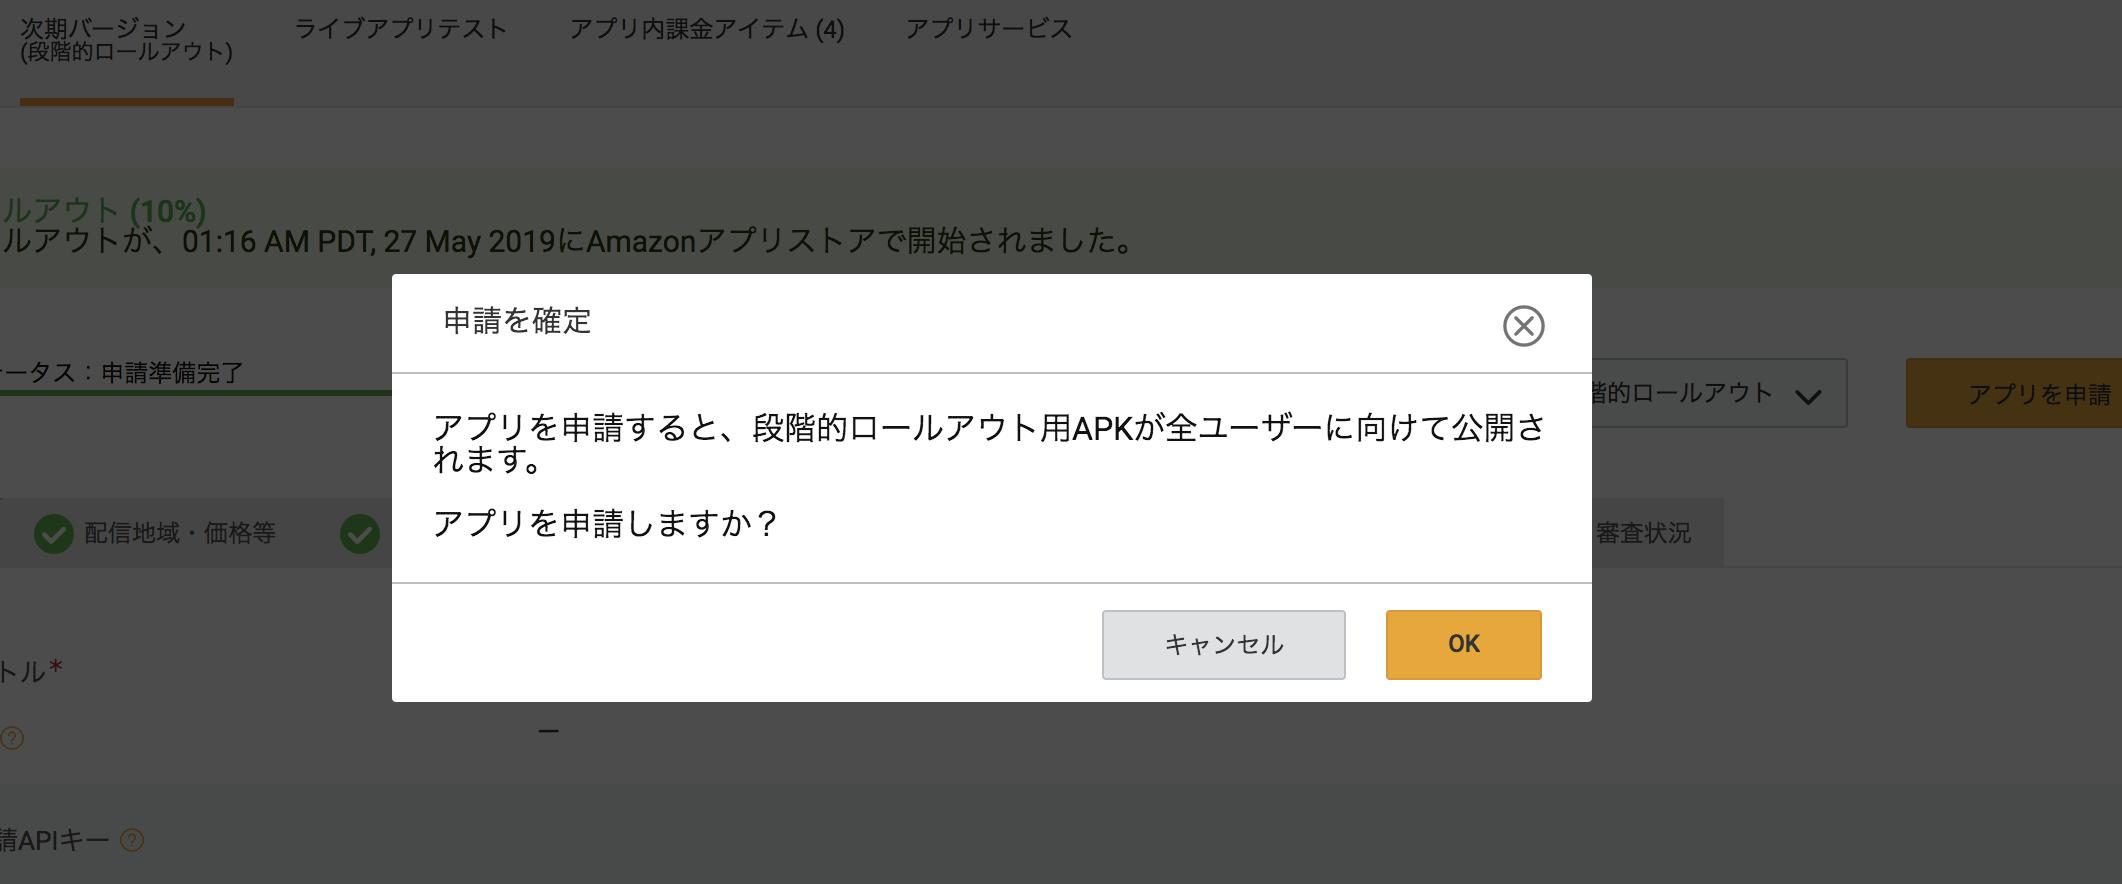 [OK] をクリックして、段階的ロールアウト時のバージョンを全ユーザーに配信します。